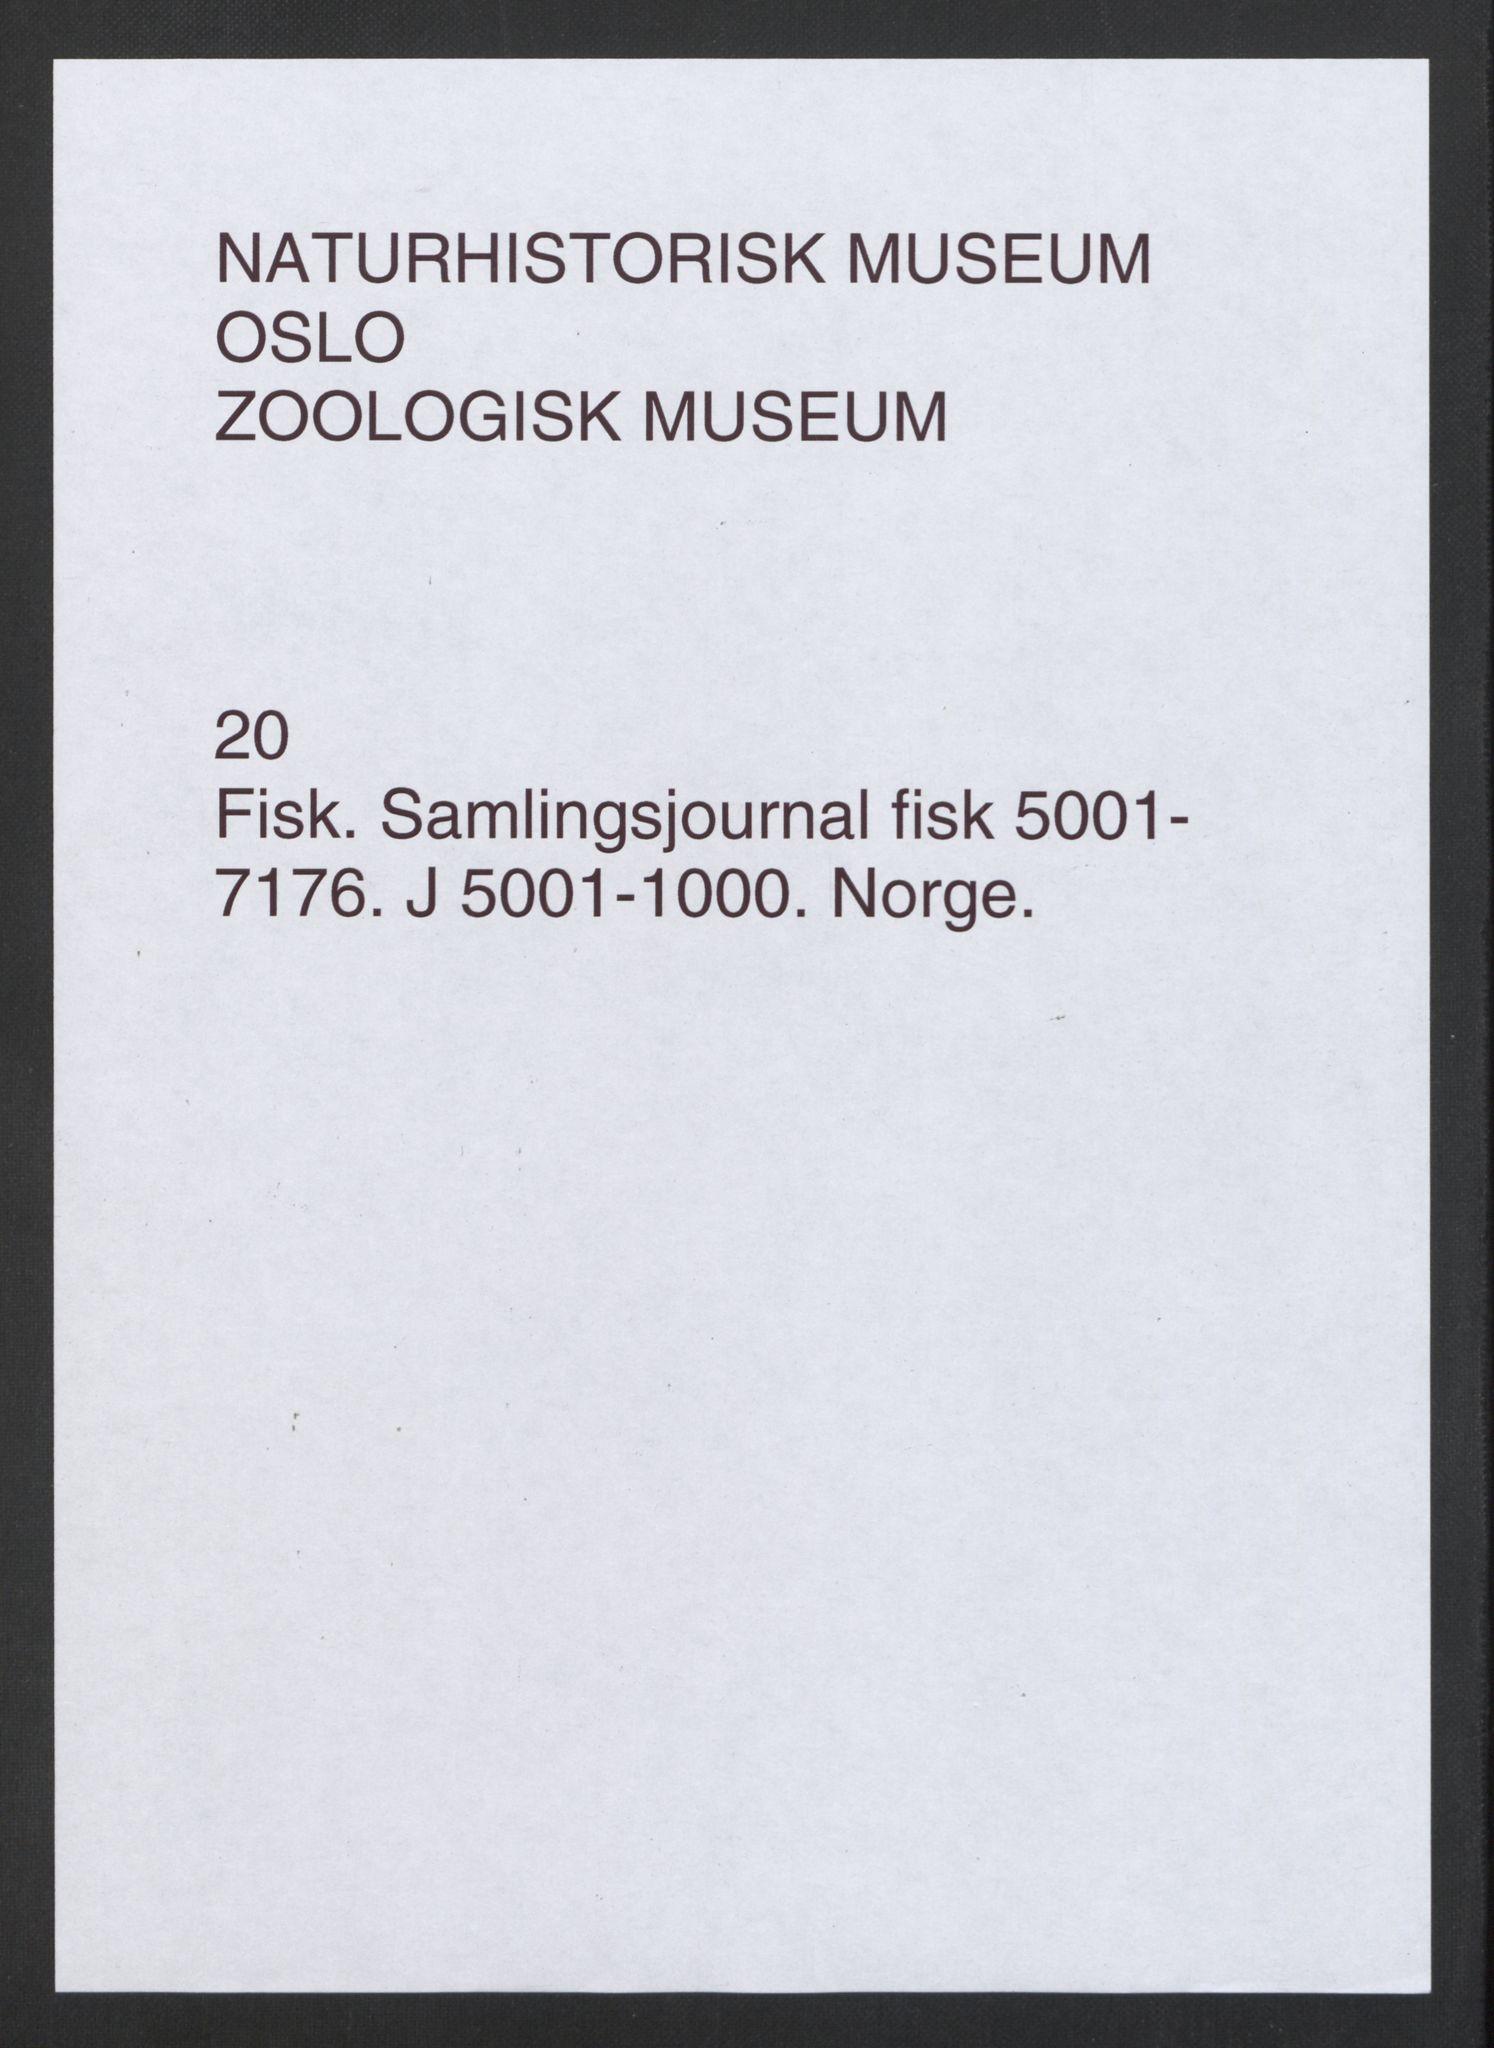 NHMO, Naturhistorisk museum (Oslo), 1: Fisk. Samlingsjournal. Fiskesamlingen (J), nr. 5001-7176.